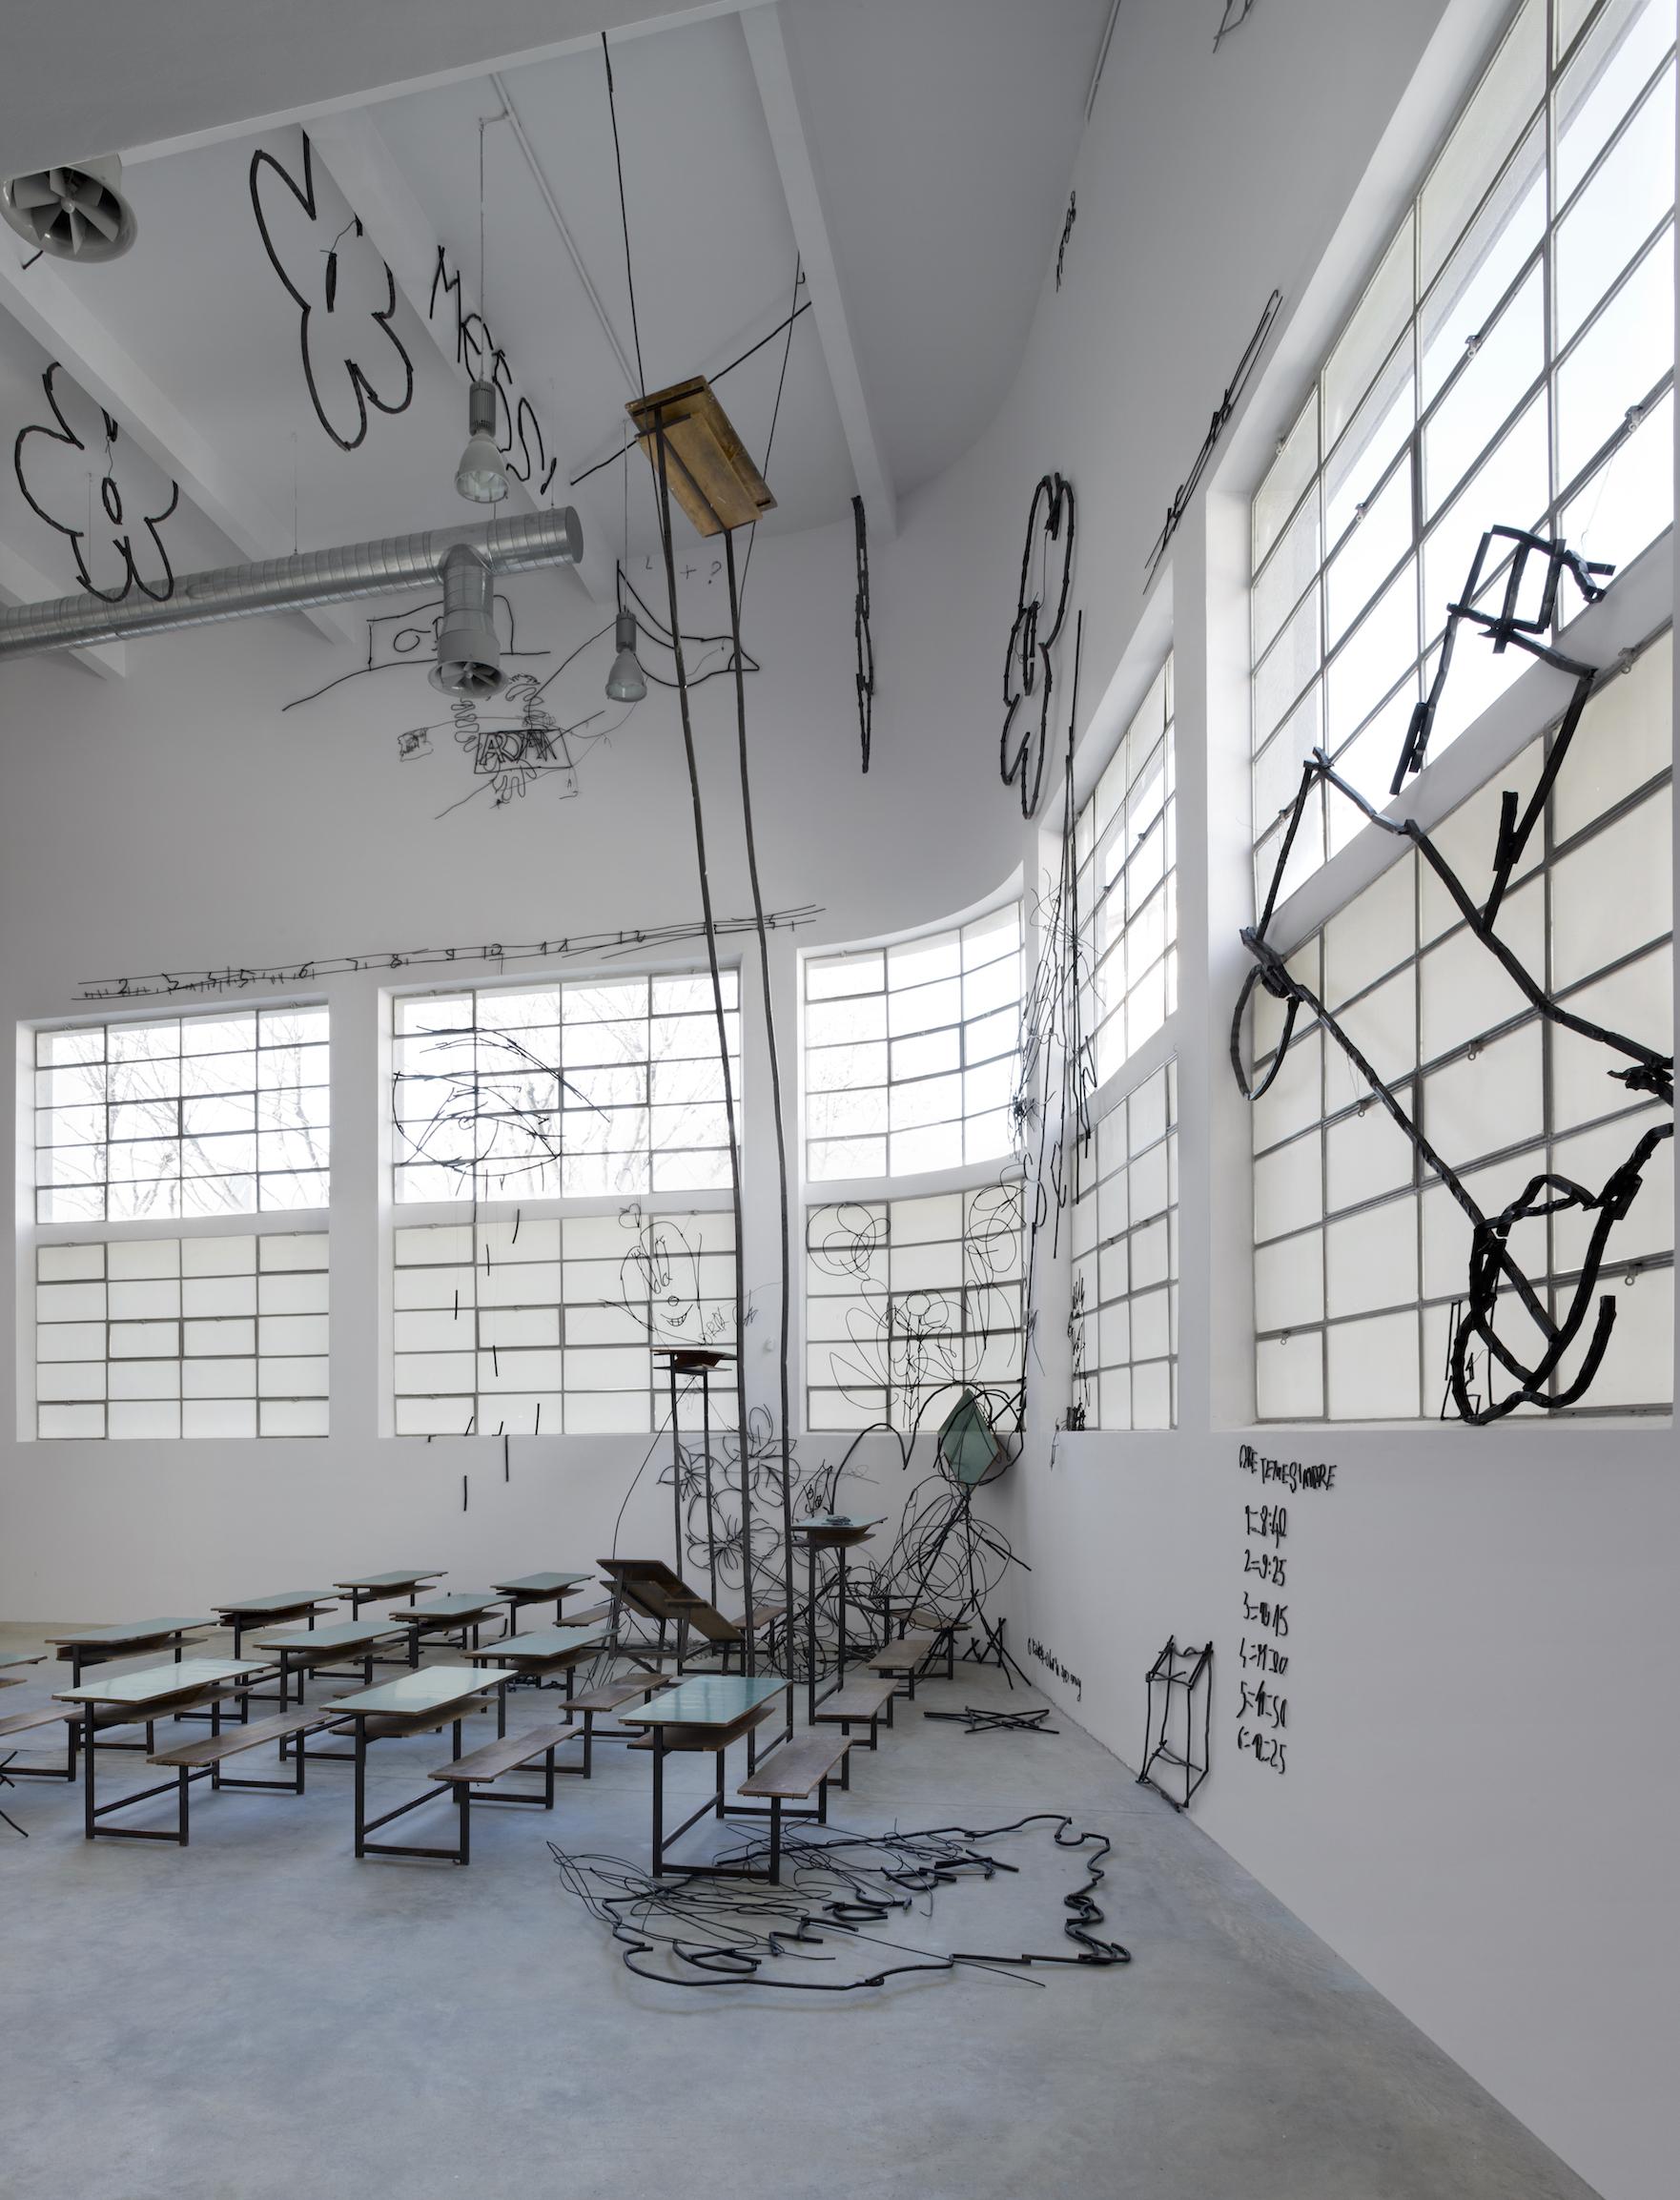 Fondazione Mario Merz, Turin